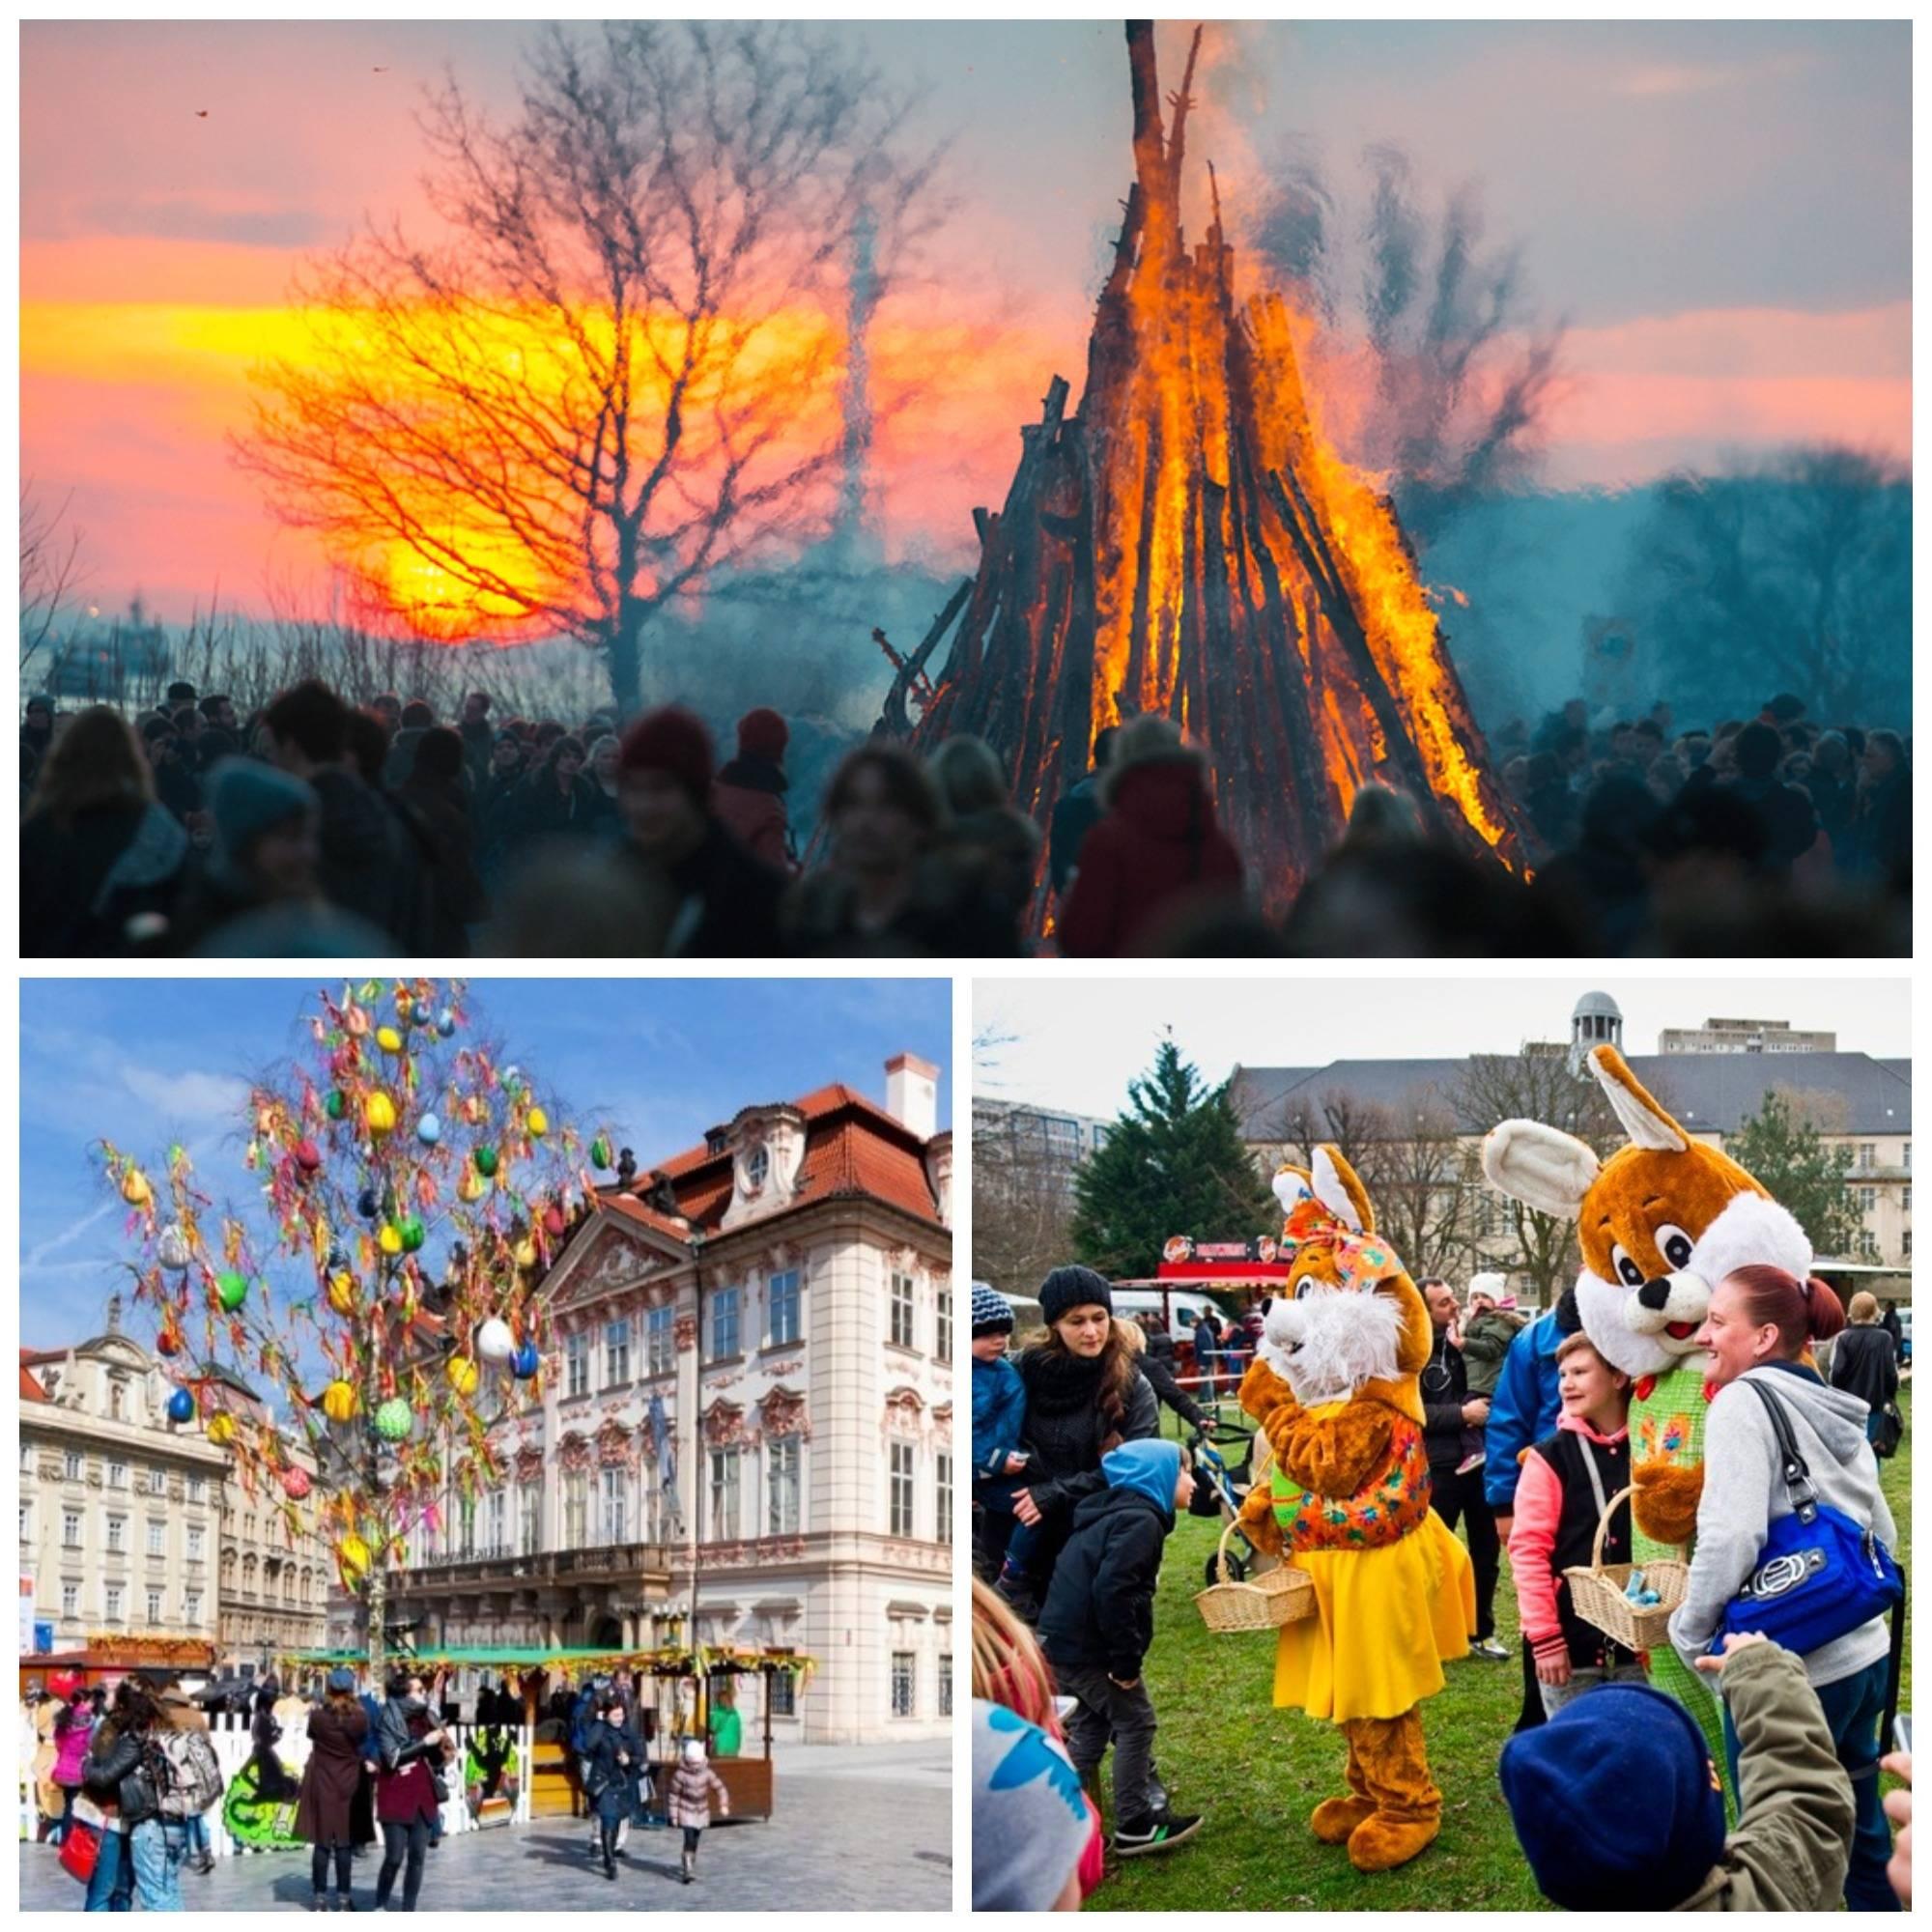 Пасха в германии - 12 апреля. история и особенности праздника в проекте календарь праздников 2020